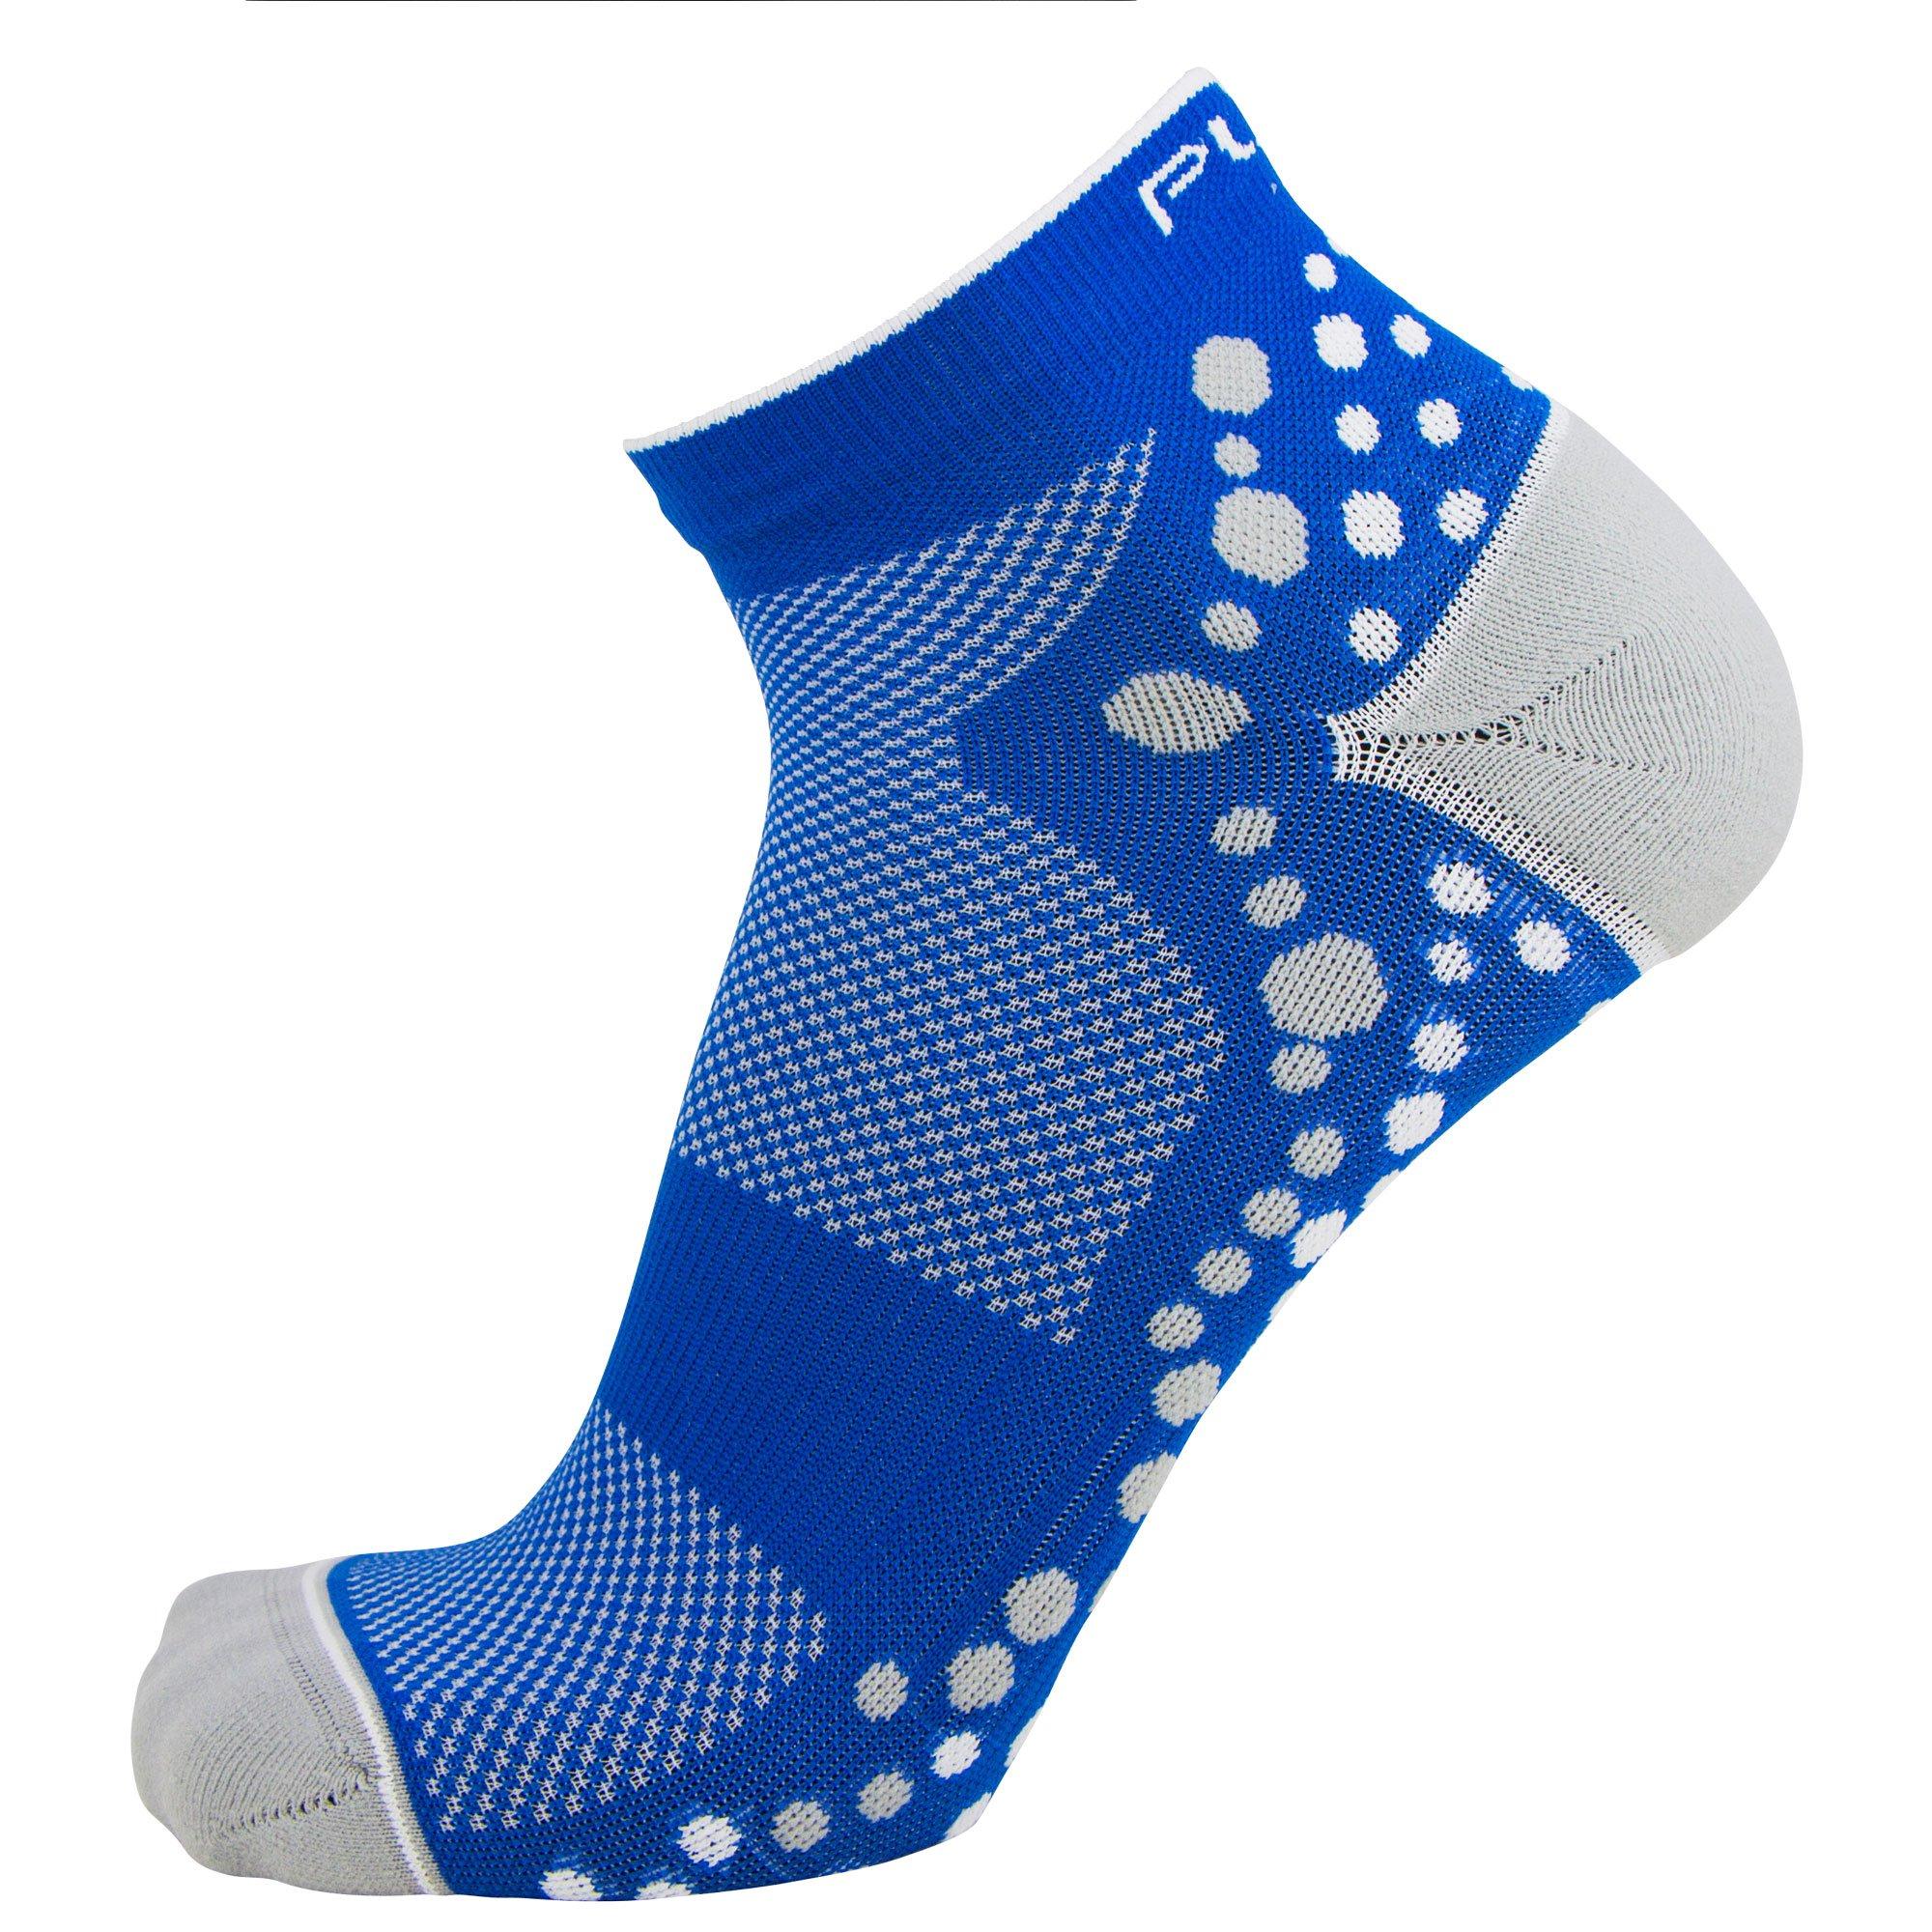 Pure Athlete Ultra-Comfortable Running Socks - Anti-Blister Dot Technology, Moisture Wicking (Blue/White, S/M)